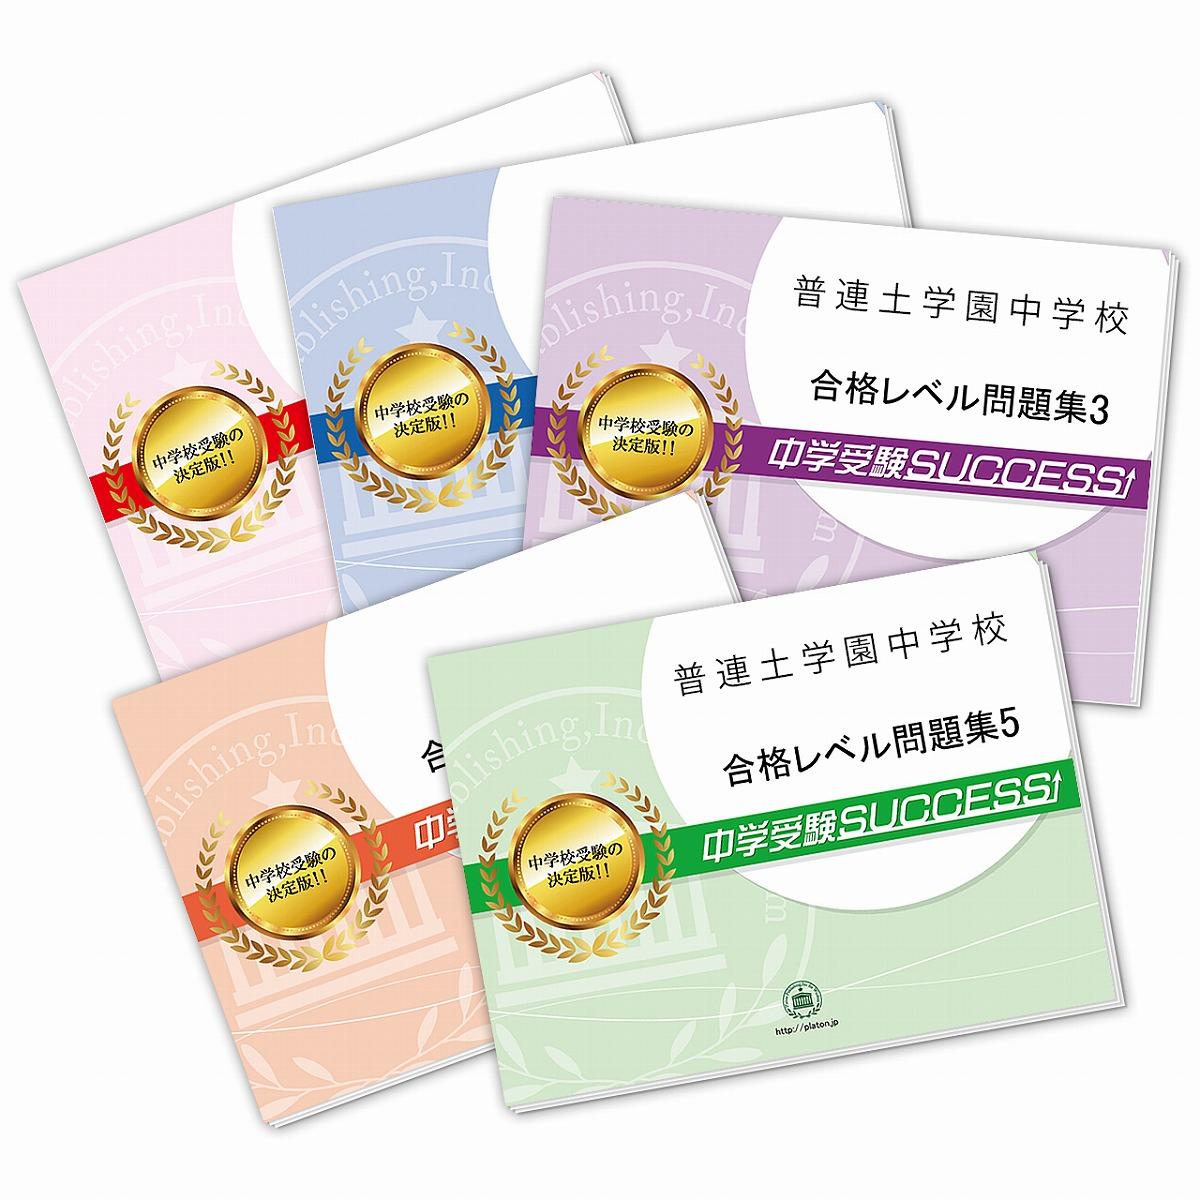 【送料・代引手数料無料】普連土学園中学校・直前対策合格セット(5冊)